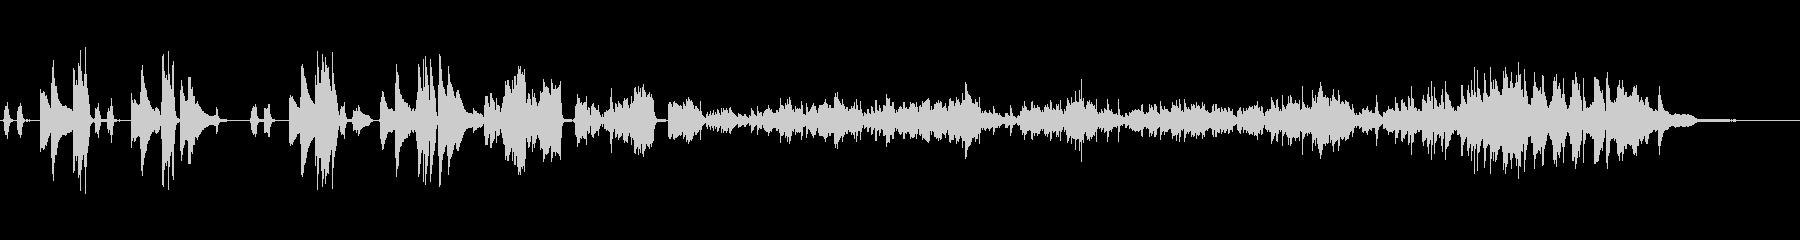 Chopin-Scherzo Op.31の未再生の波形